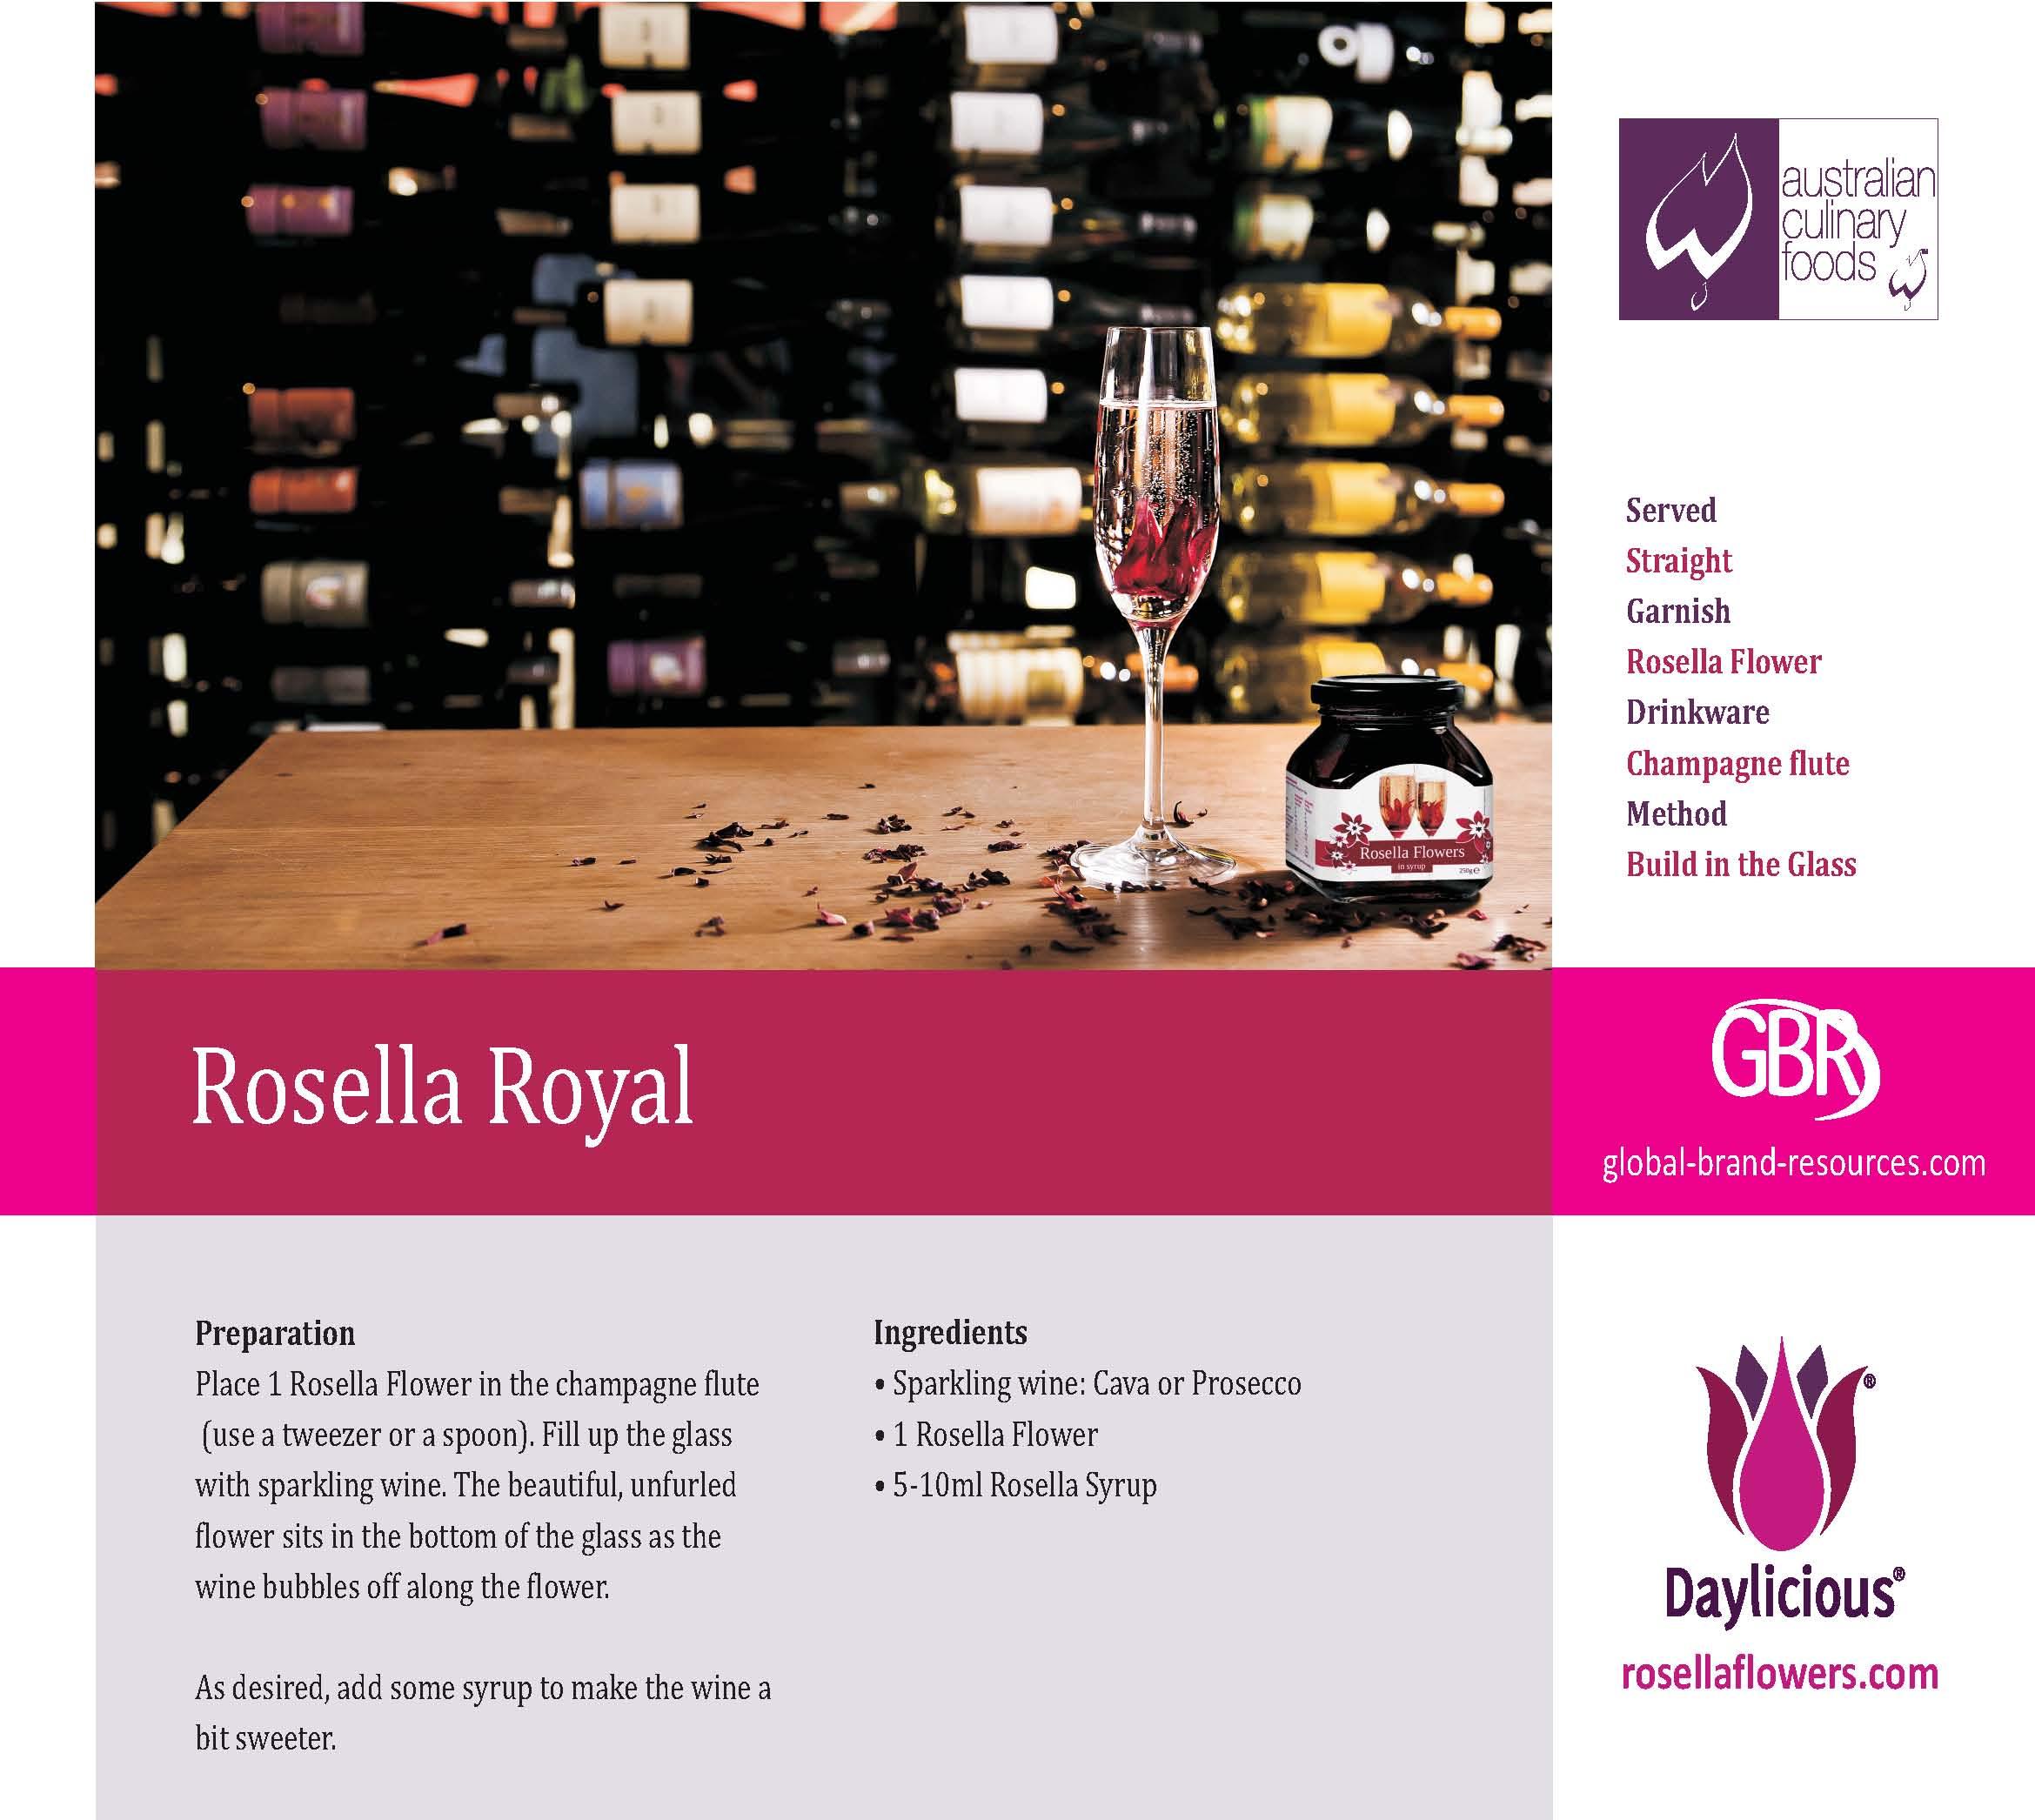 Rosella Royal